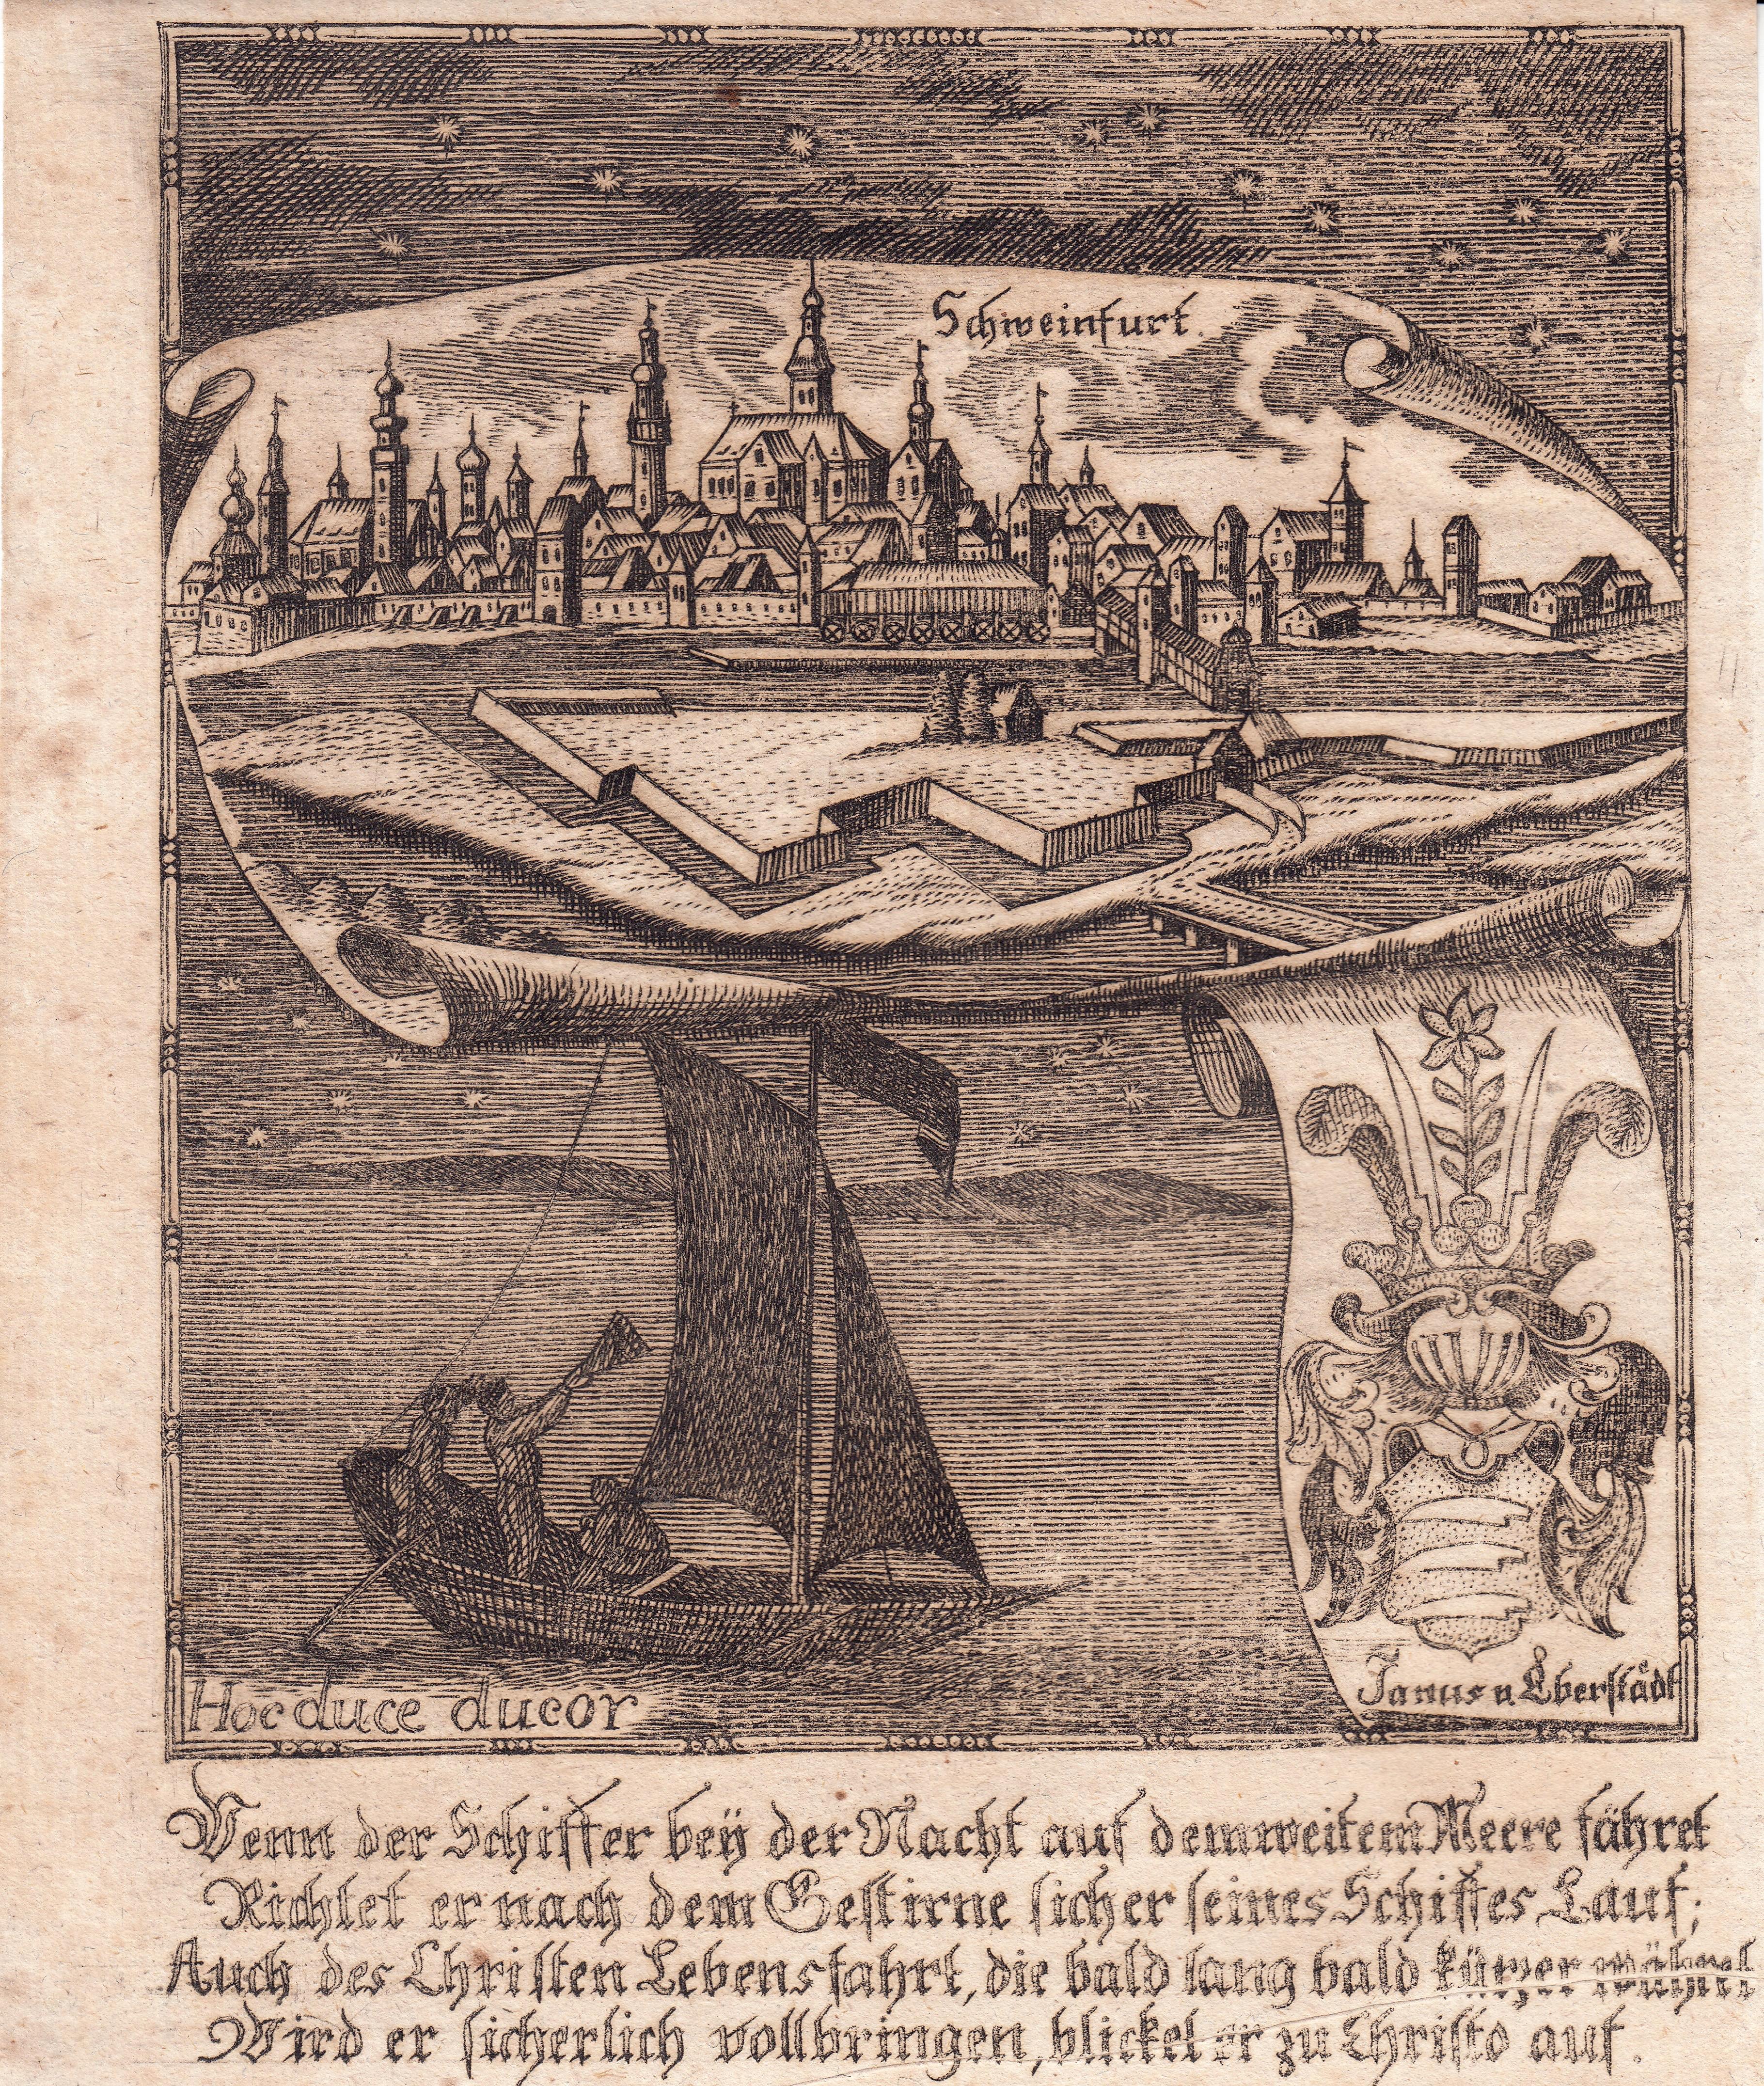 """Kupferstich aus Zittauisches Tagebuch, um 1800, 17 x 13 (H)  Sehr seltene Ansicht. - Das Blatt besitzt in der oberen Hälfte eine Gesamtansicht von Schweinfurt, darunter eine Allegorie zum Thema """"Segeln"""" und ein Wappen derer von Eberstadt. Ganz unten ein 4"""